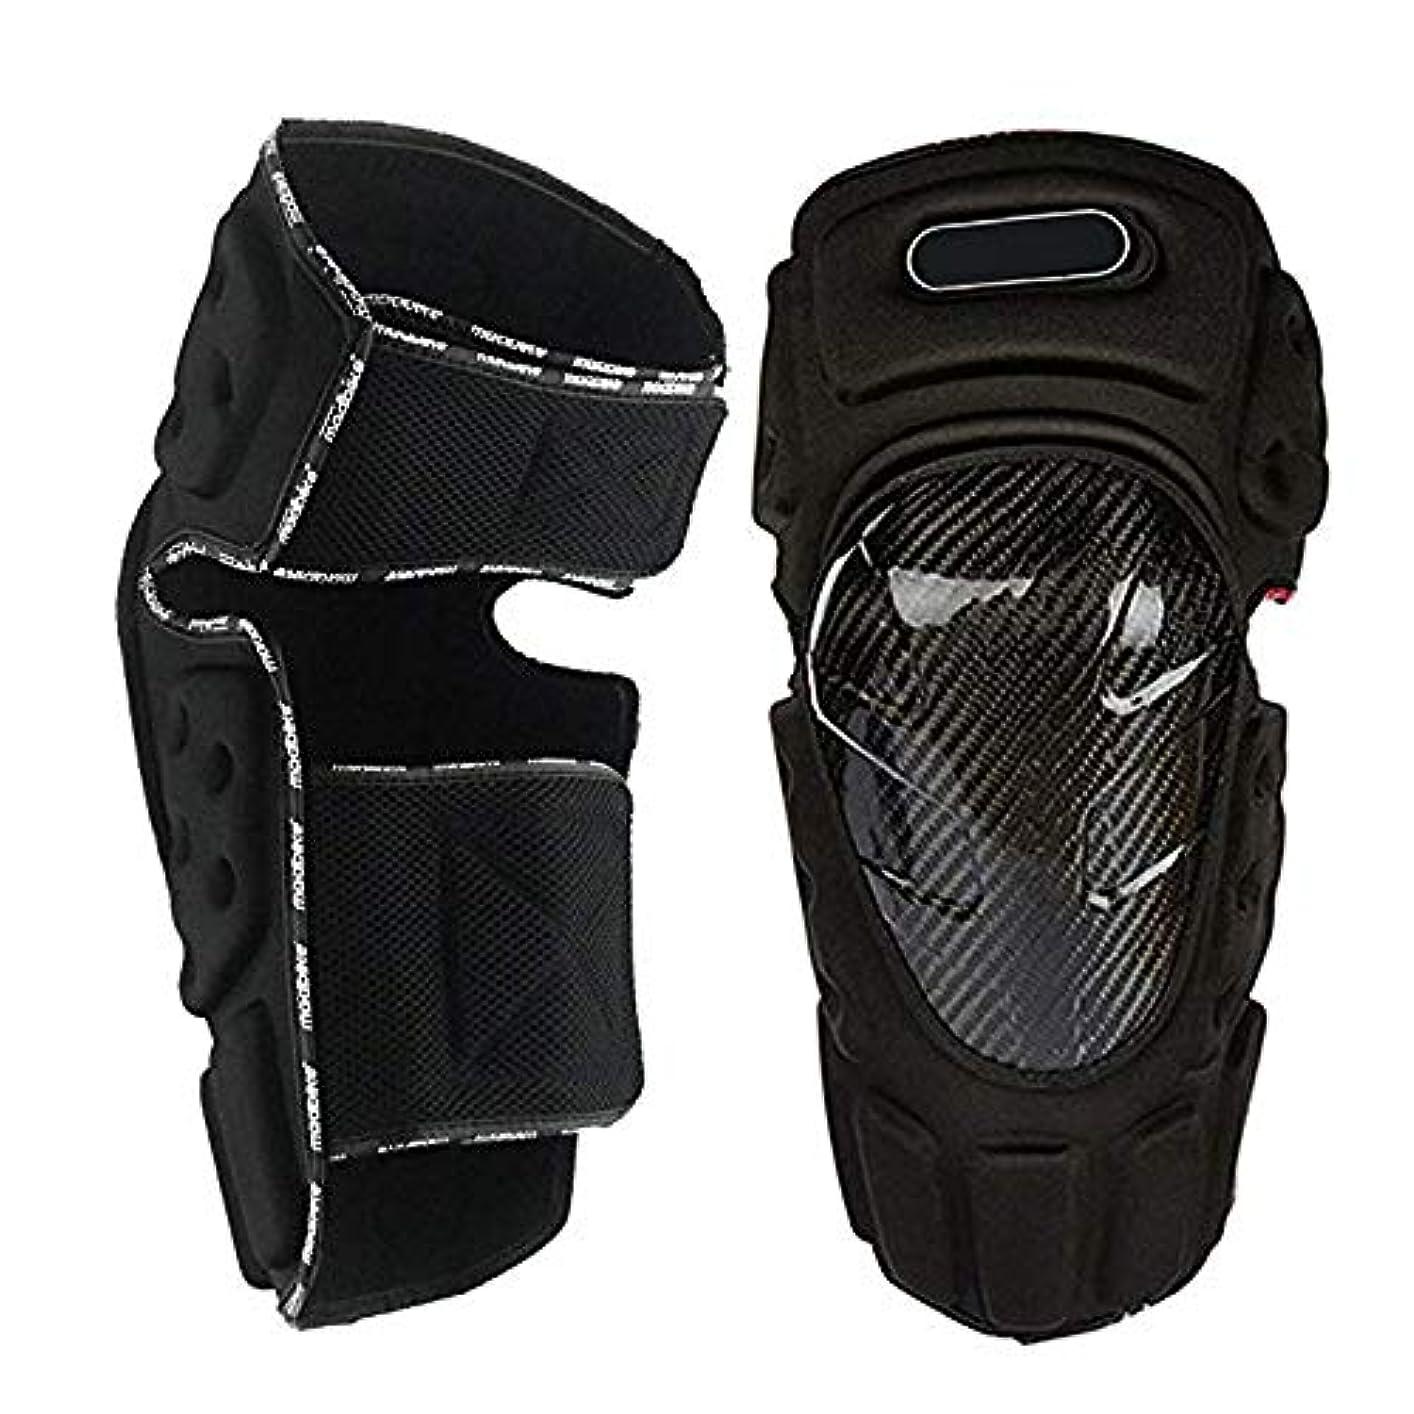 兵隊繁殖考えた膝プロテクター 大人の通気性調節可能なスケート膝パッドアラミド繊維モトクロスMTBサイクリングスケートのための新警備員 バイク 膝をつくお仕事にも最適